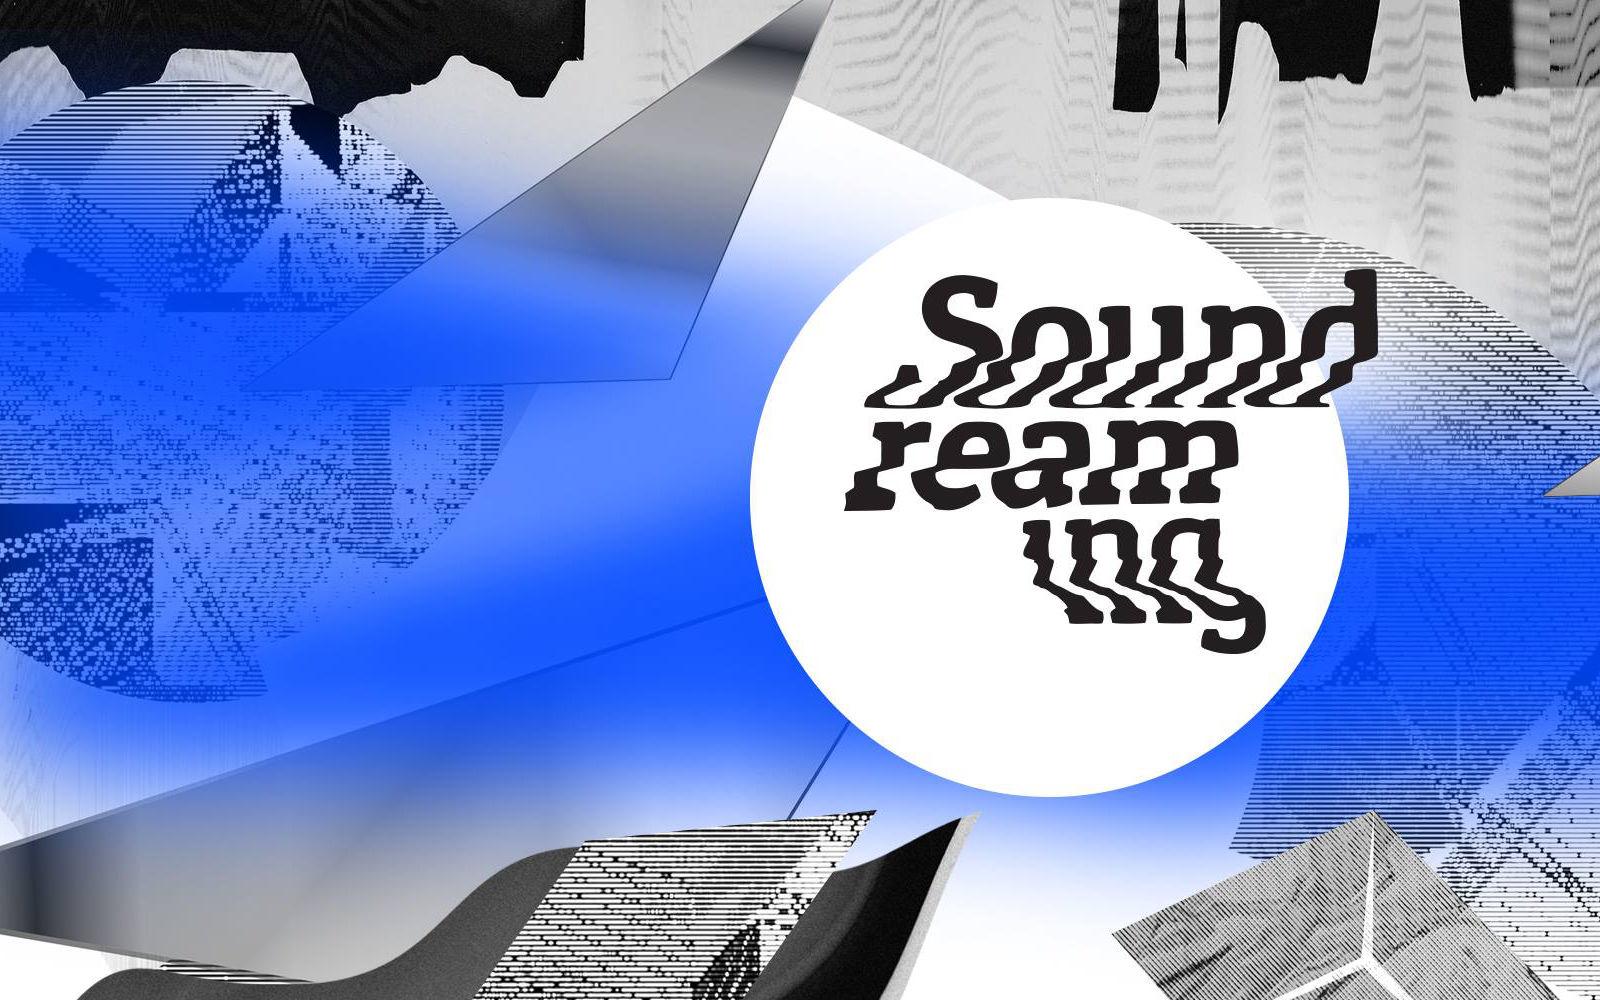 Pineum Ewa i Jacek Doroszenko – Soundreaming